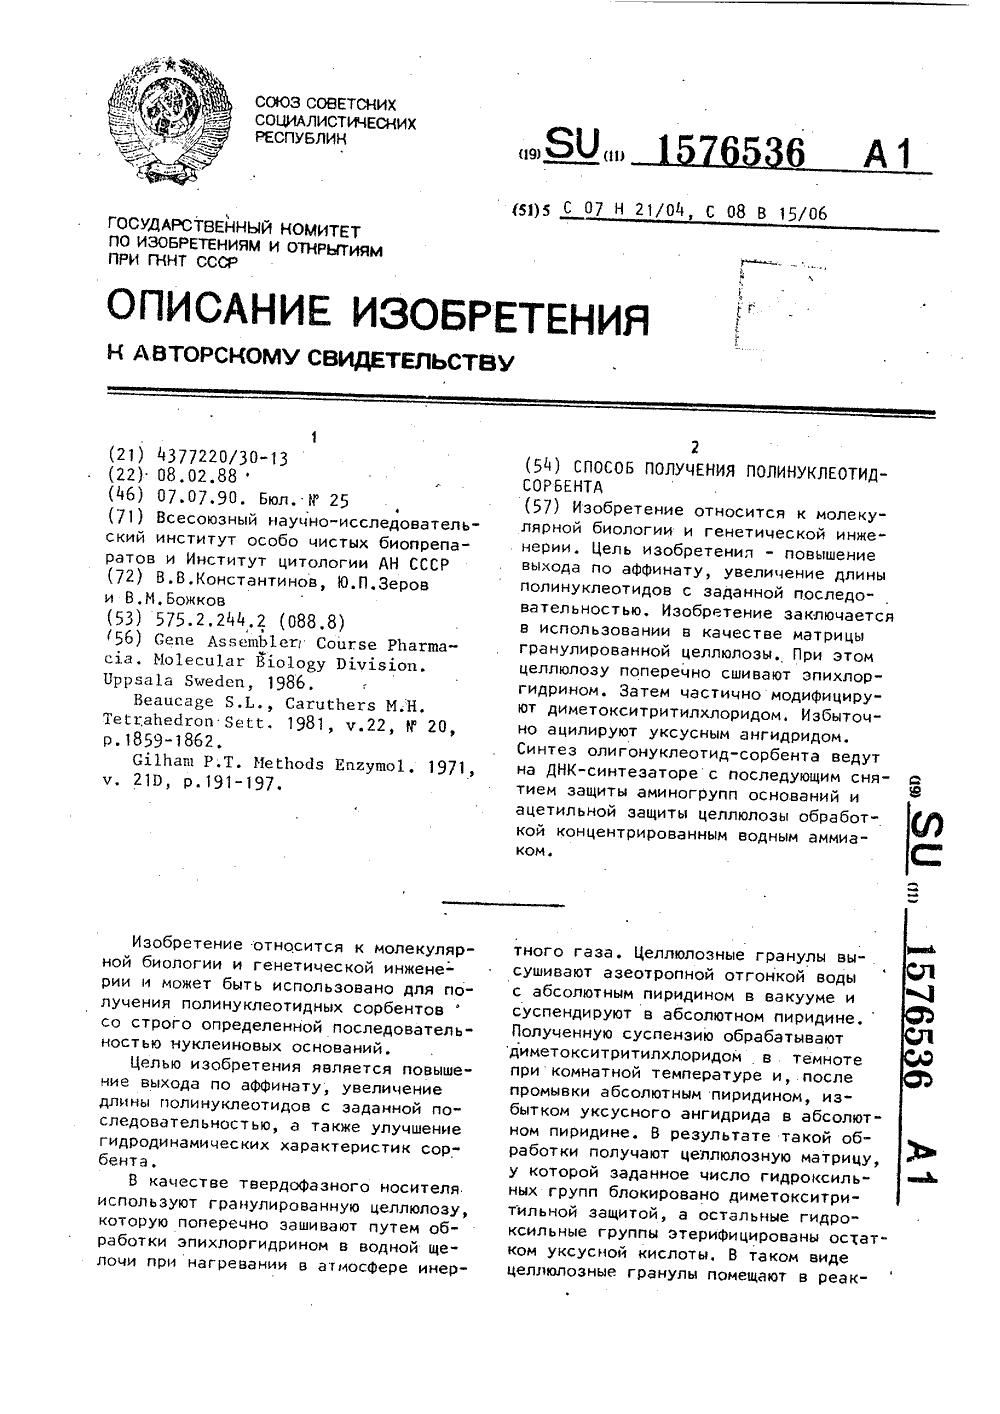 Полинуклеотид